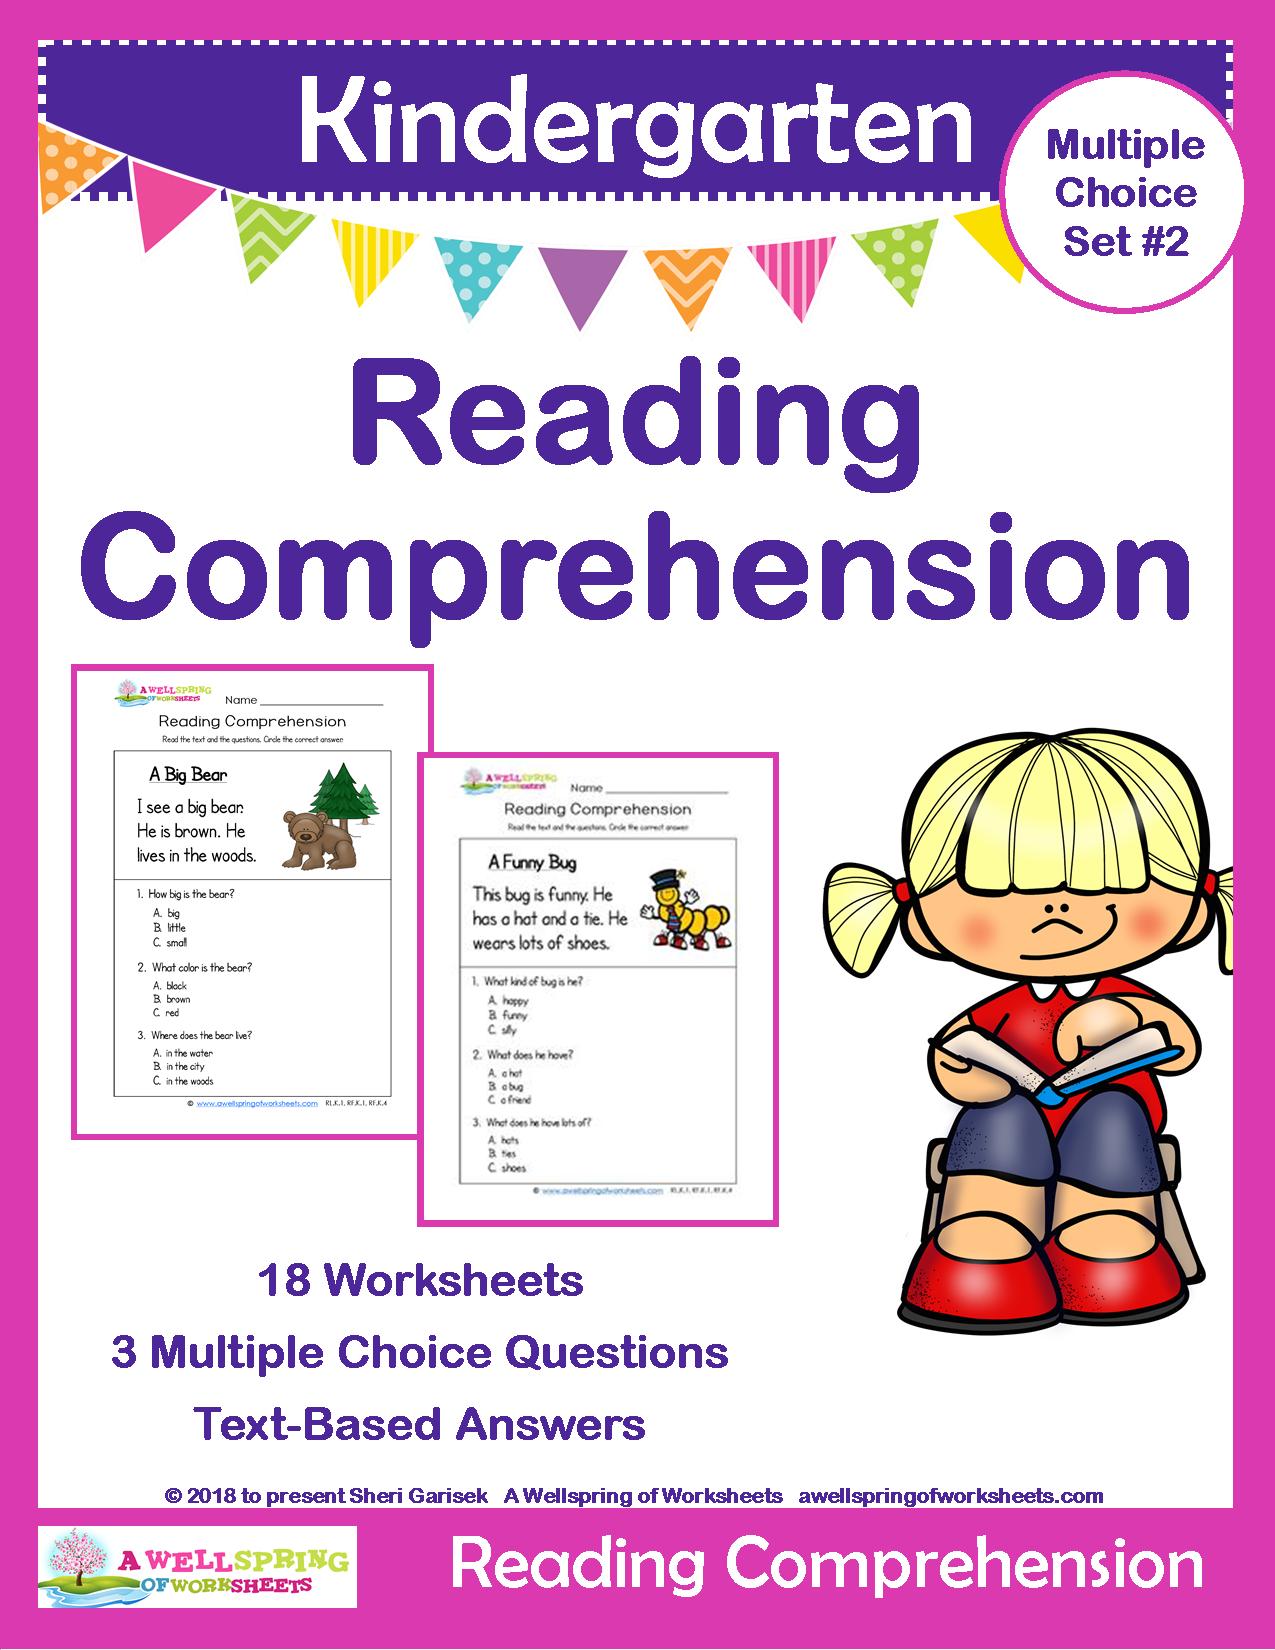 Free Reading Comprehension Is Suitable For Kindergarten Students Or Beg Kindergarten Reading Worksheets Kindergarten Reading Reading Comprehension Kindergarten [ 3300 x 2550 Pixel ]